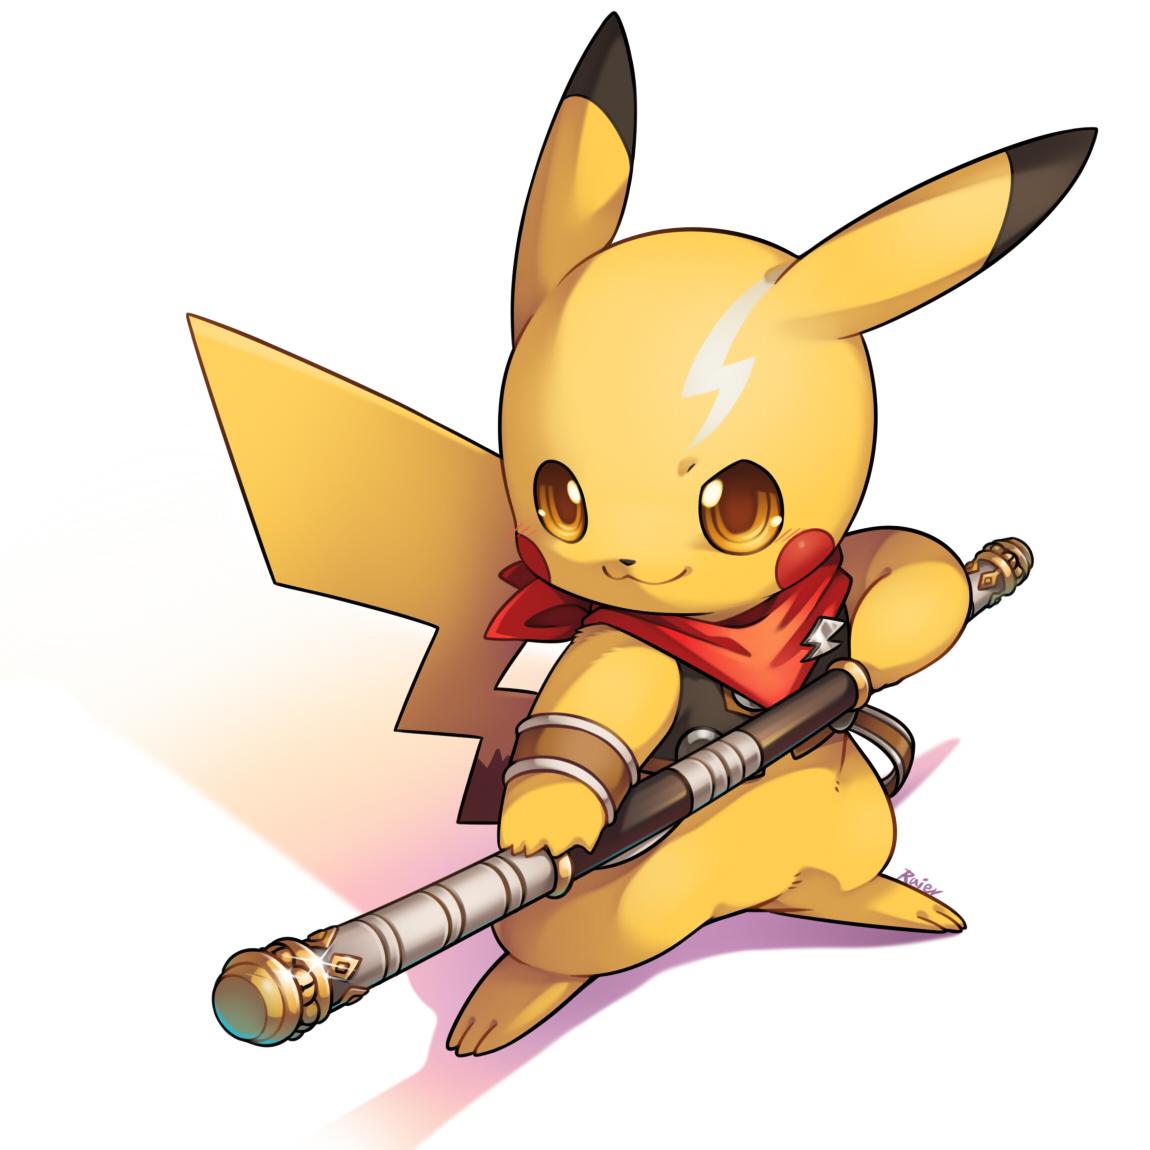 Anime clipart pikachu. Pok mon image zerochan